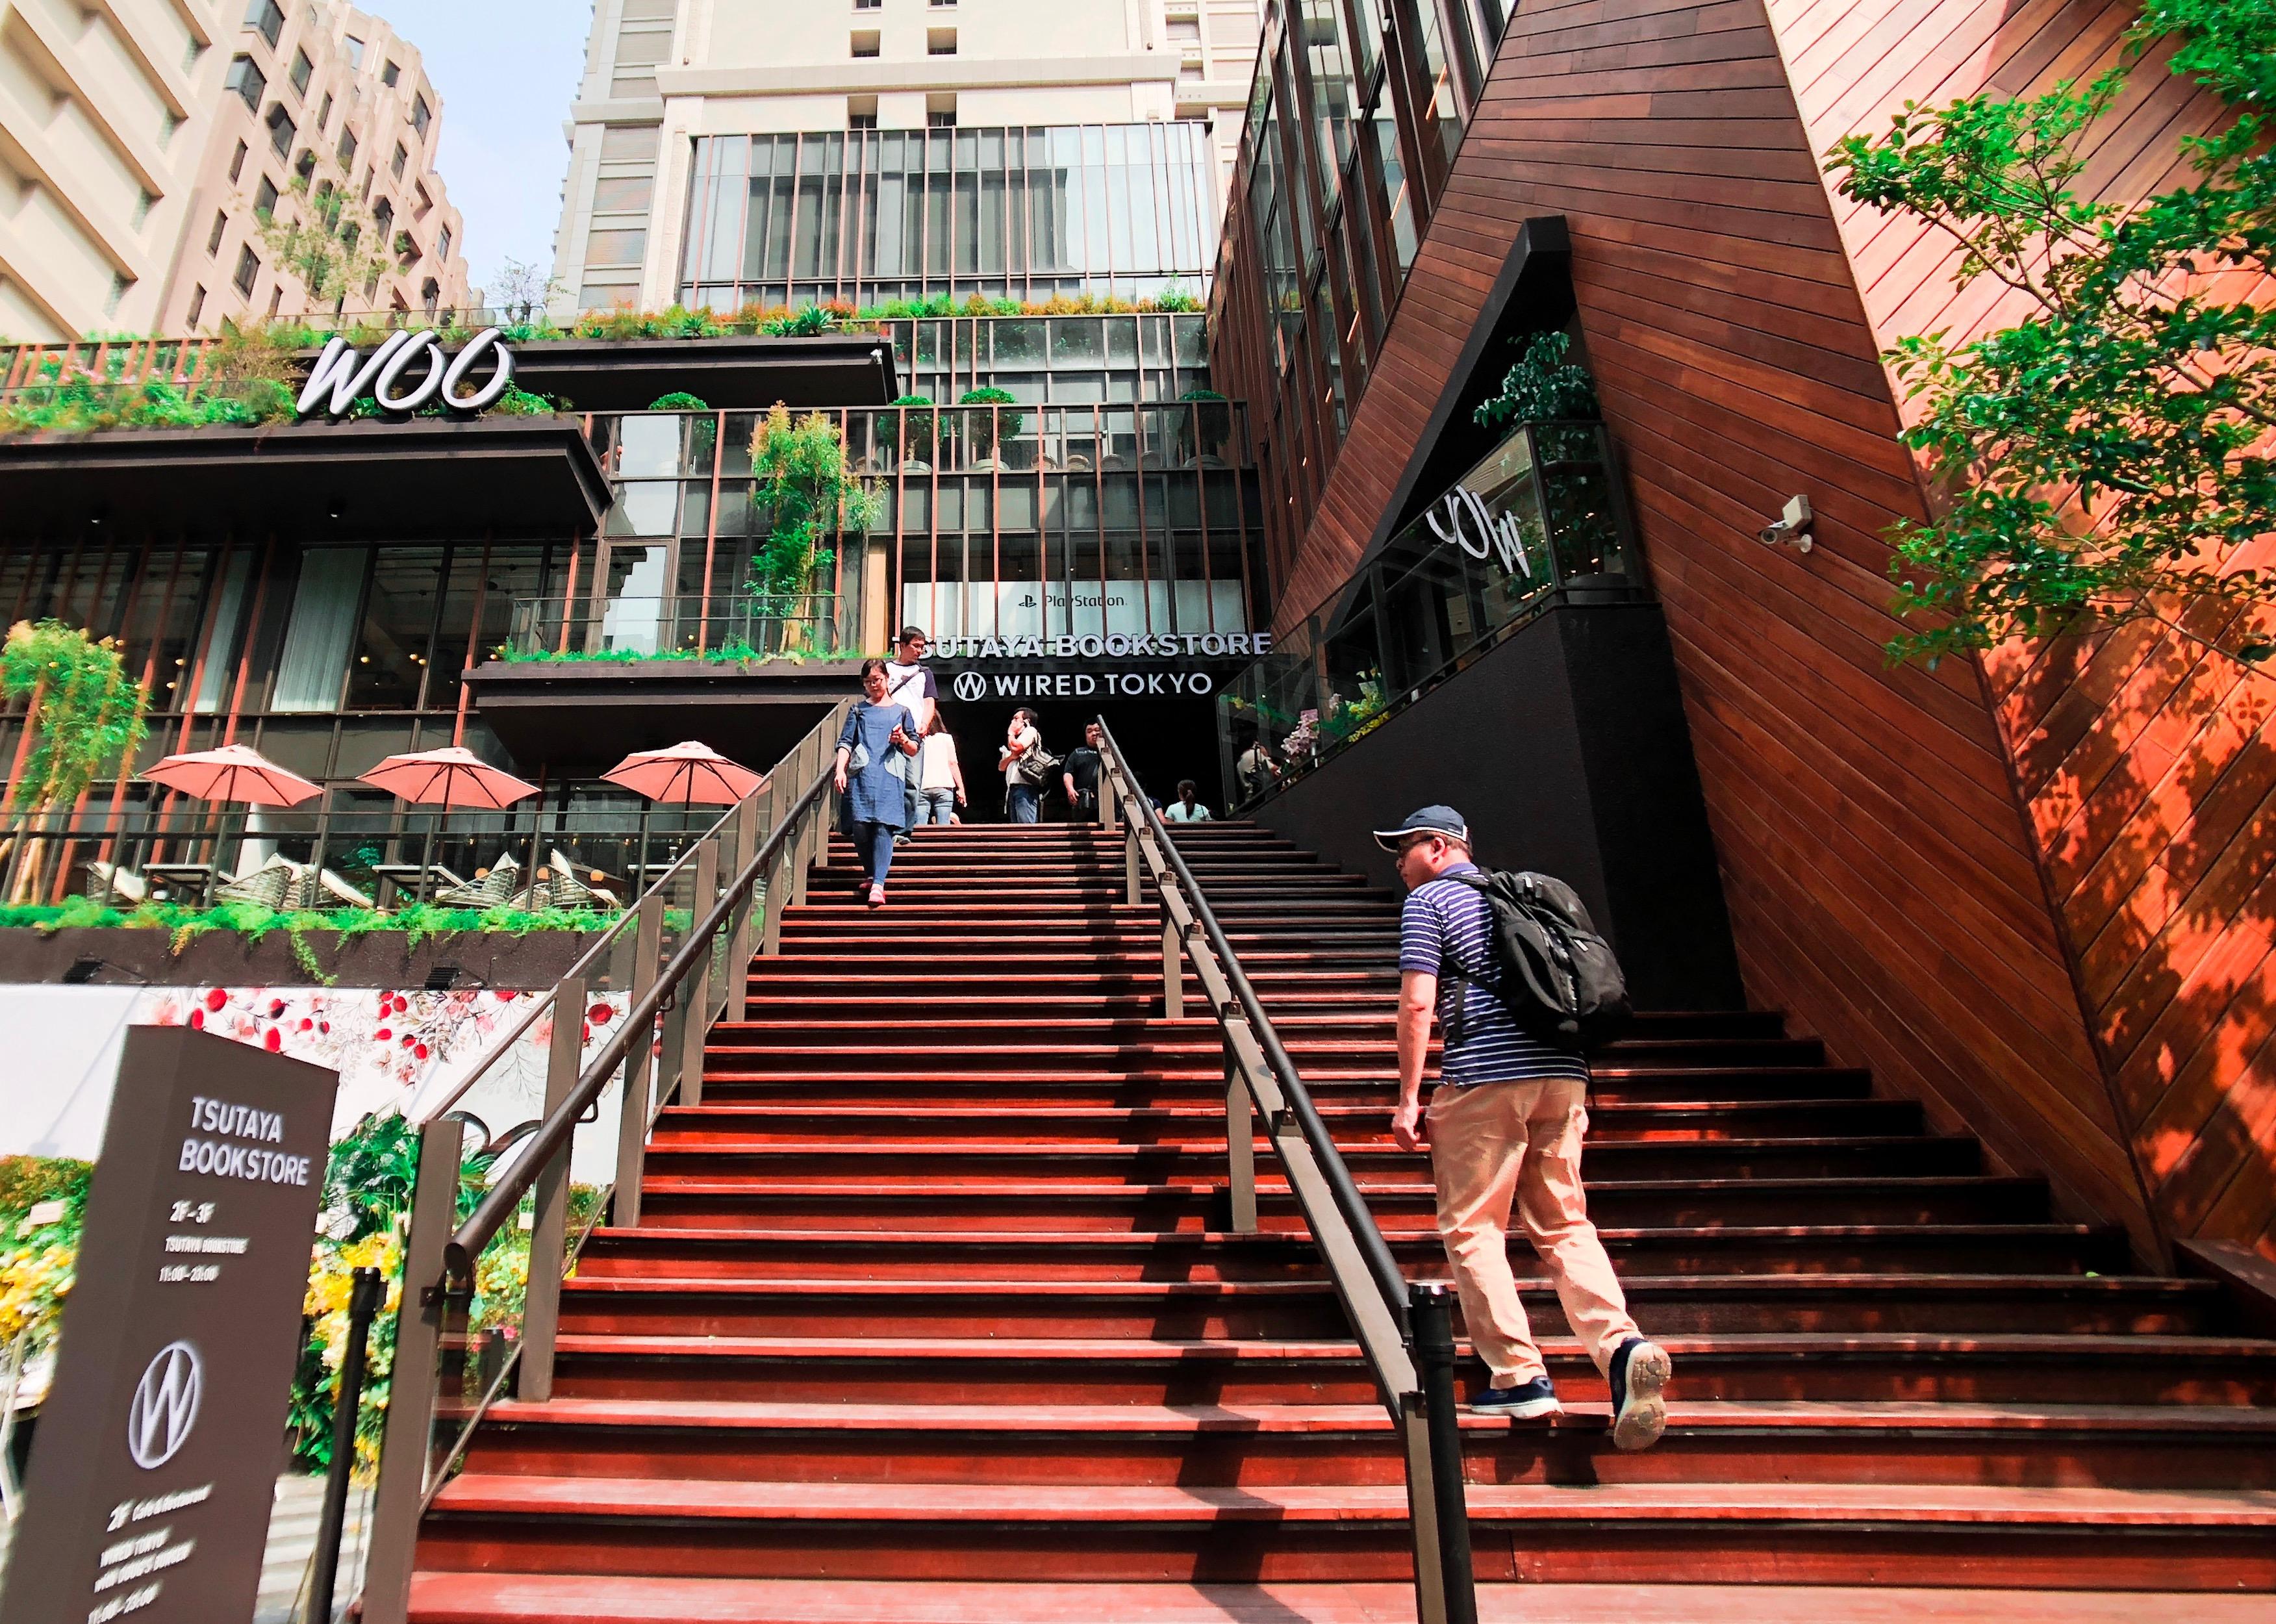 【台中蔦屋書店】全球最美20書店!全台最大的日系書店在台中!